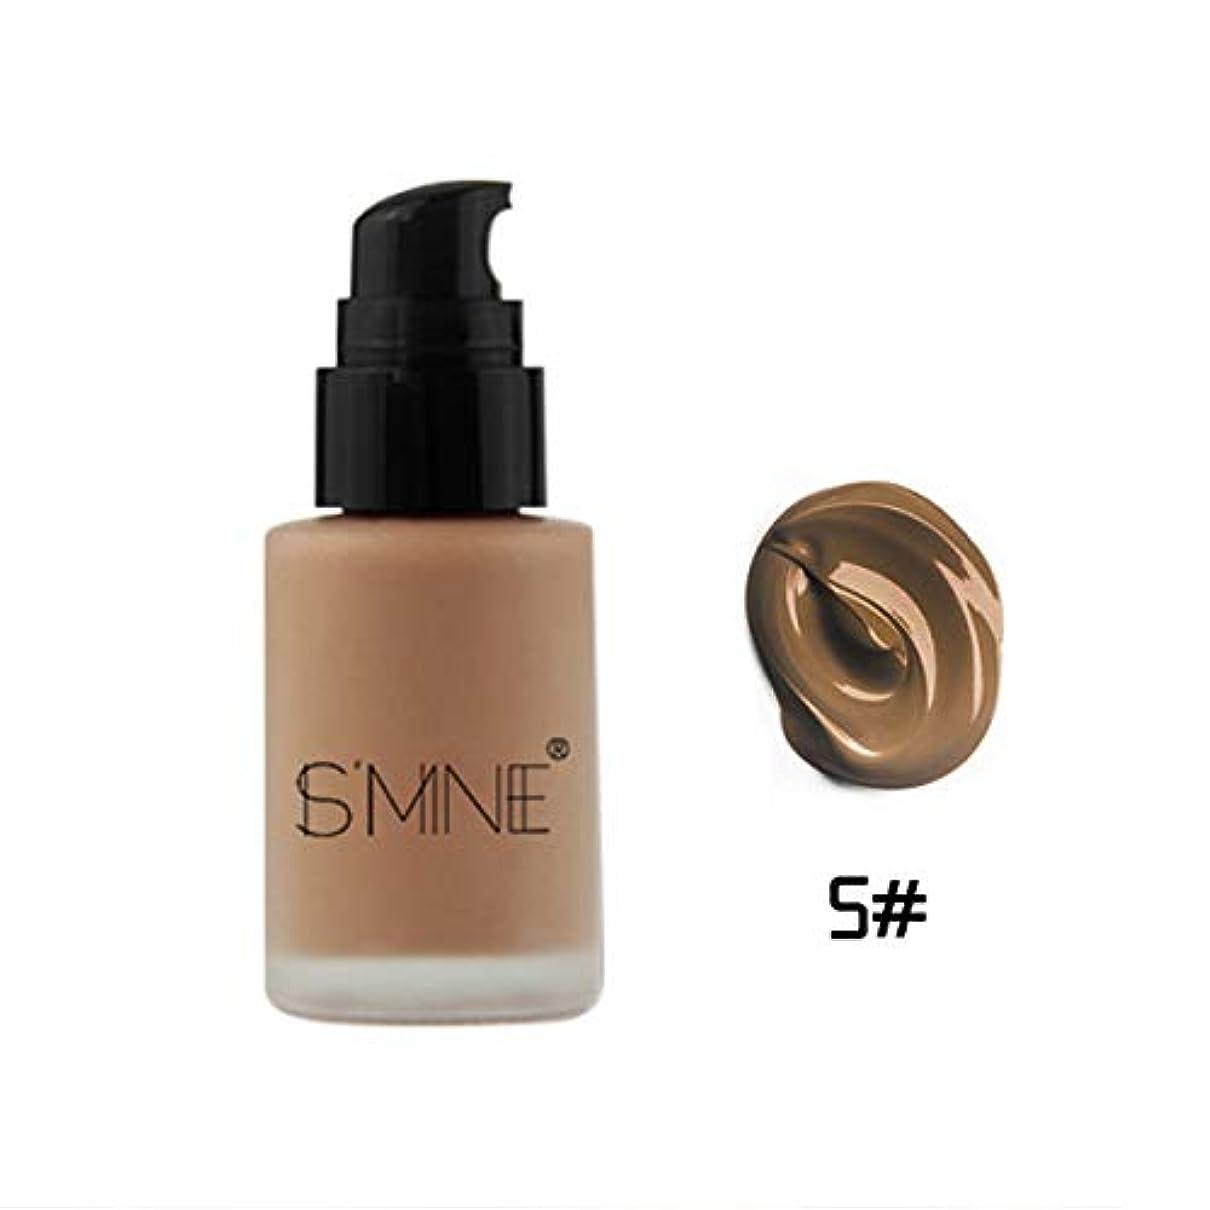 伝染性比較指令Symboat BBクリーム 女性 フェイスコンシーラー 美白 保湿 防水 ロングラスティングメイクアップ 健康的な自然な肌色 素肌感 化粧品